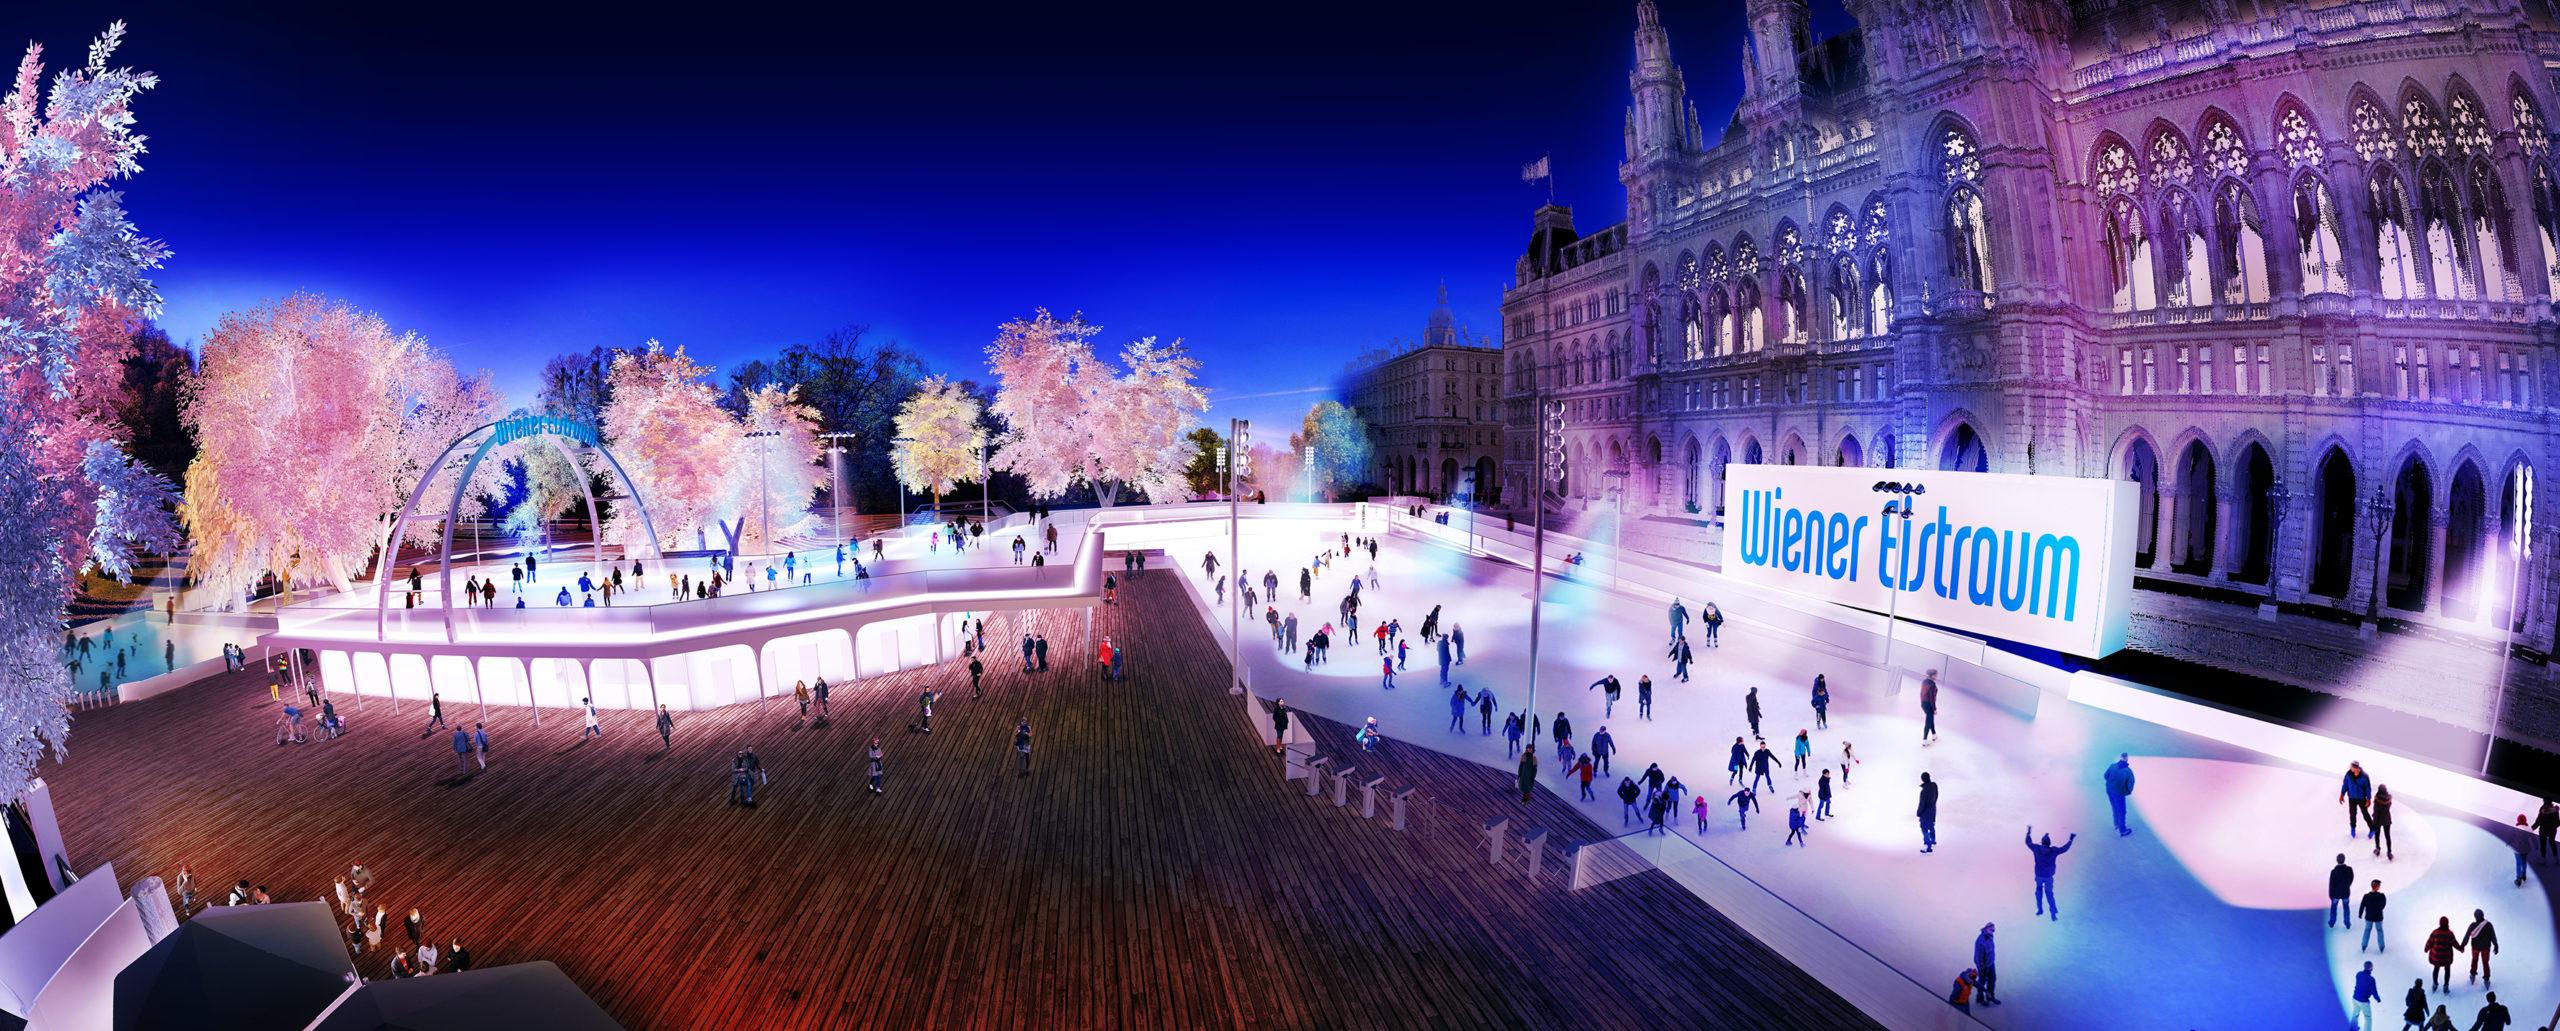 Wiener Eistraum 2020